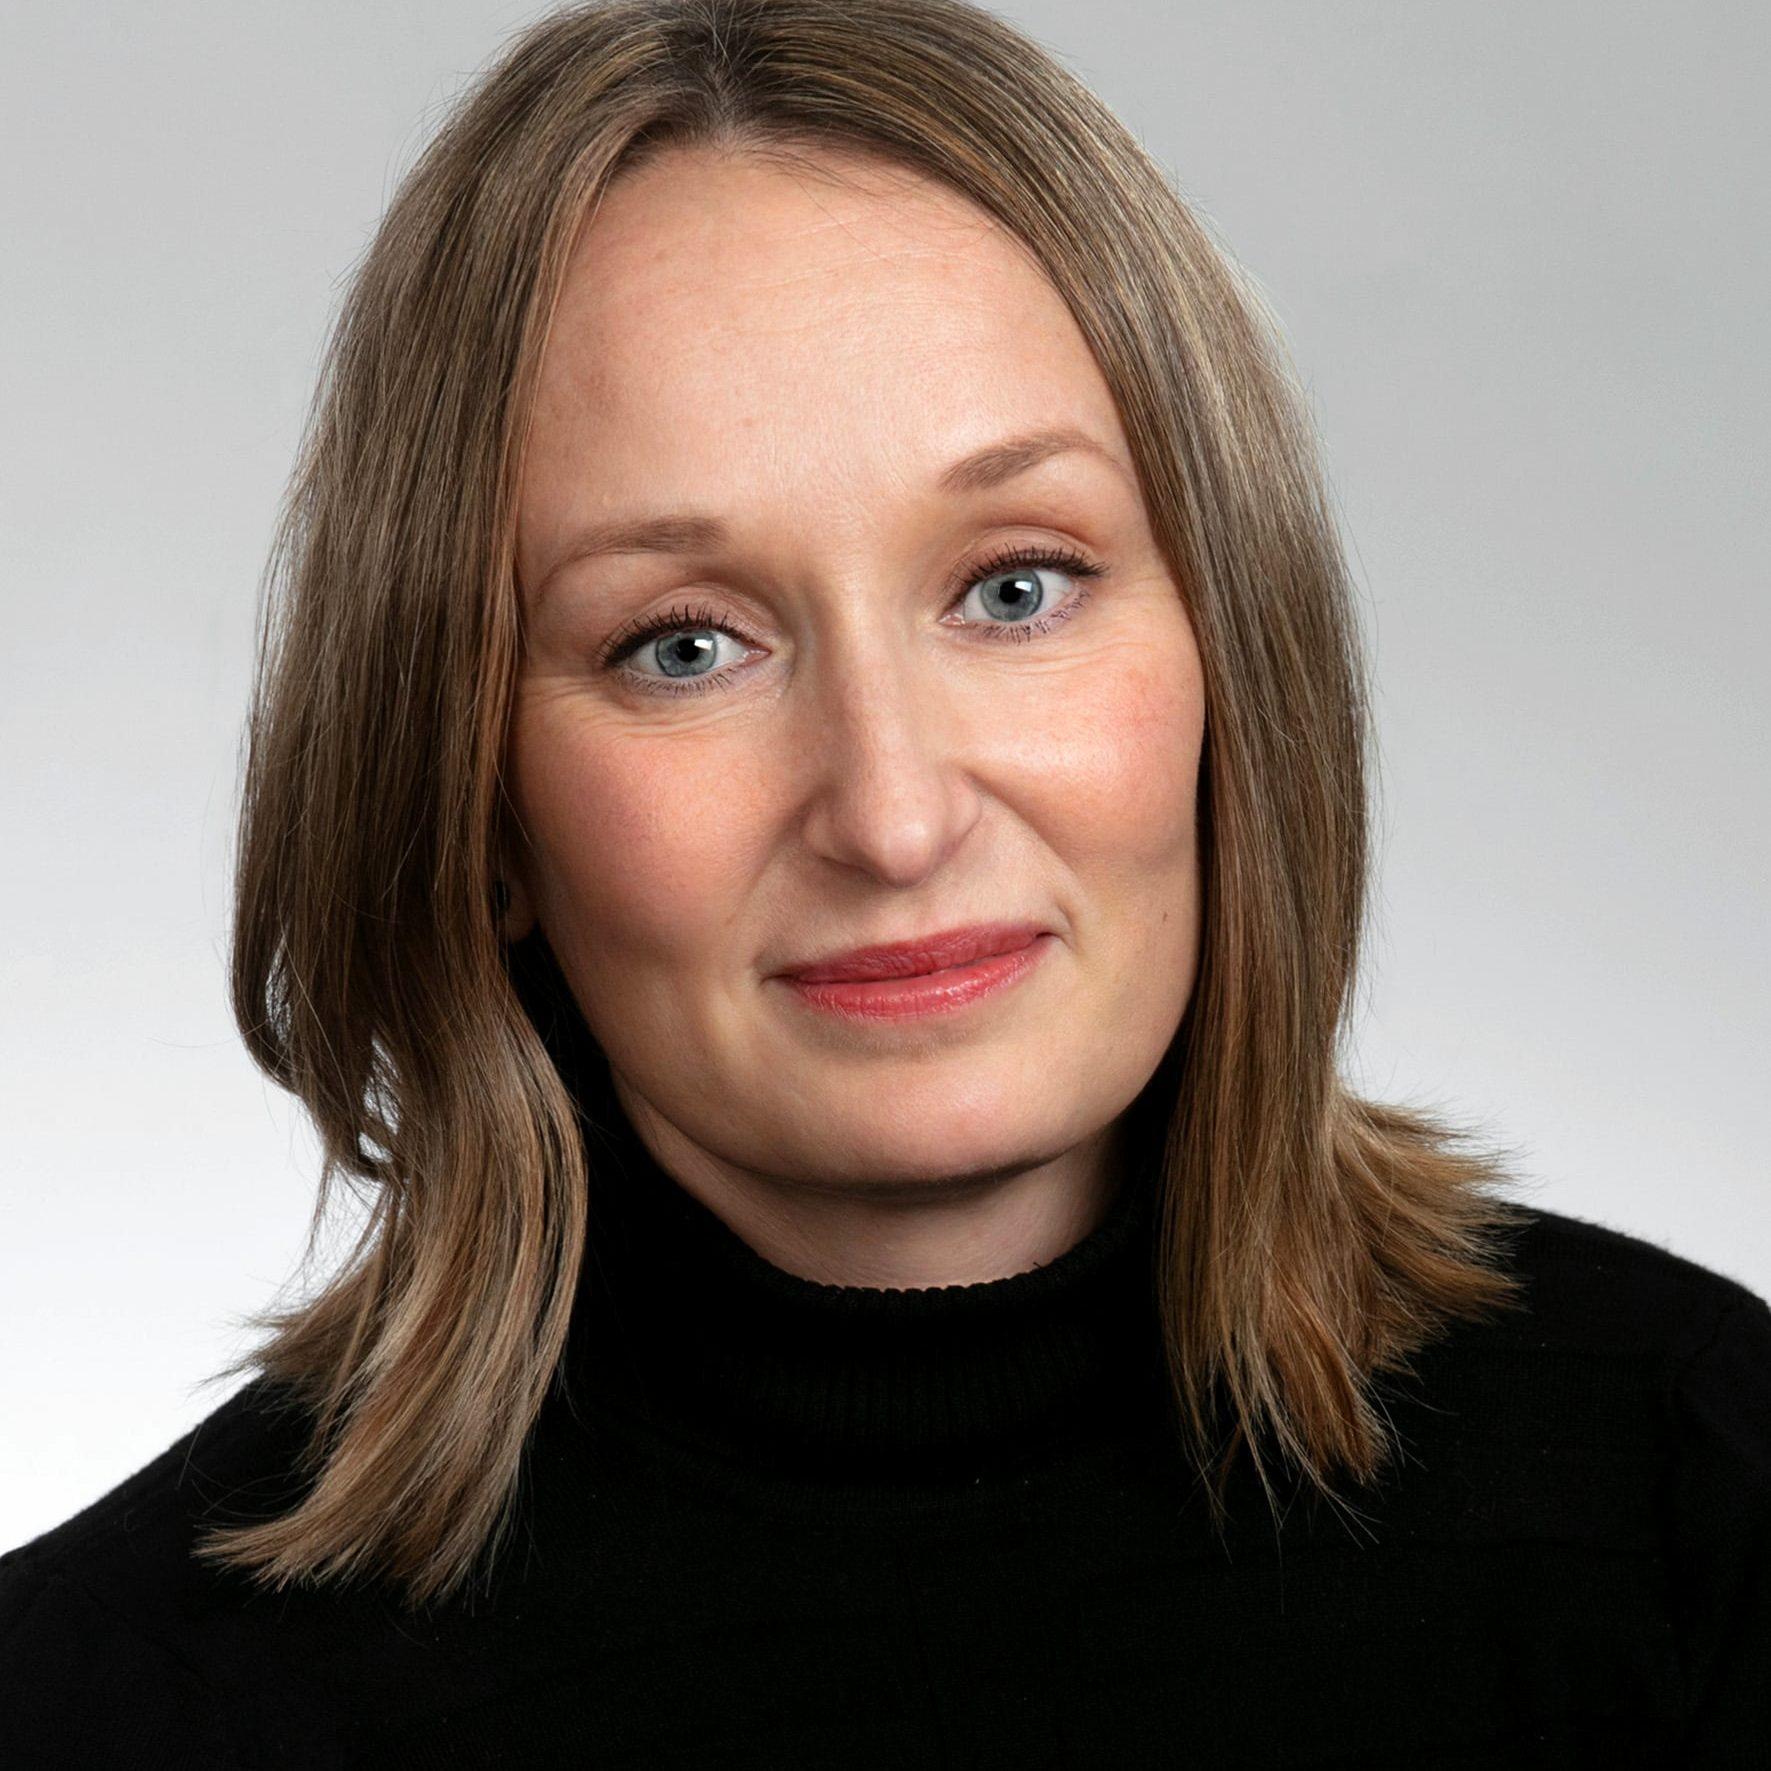 https://terapiatalonoste.fi/wp-content/uploads/2019/09/Minna-Hänninen-e1574330275688.jpg